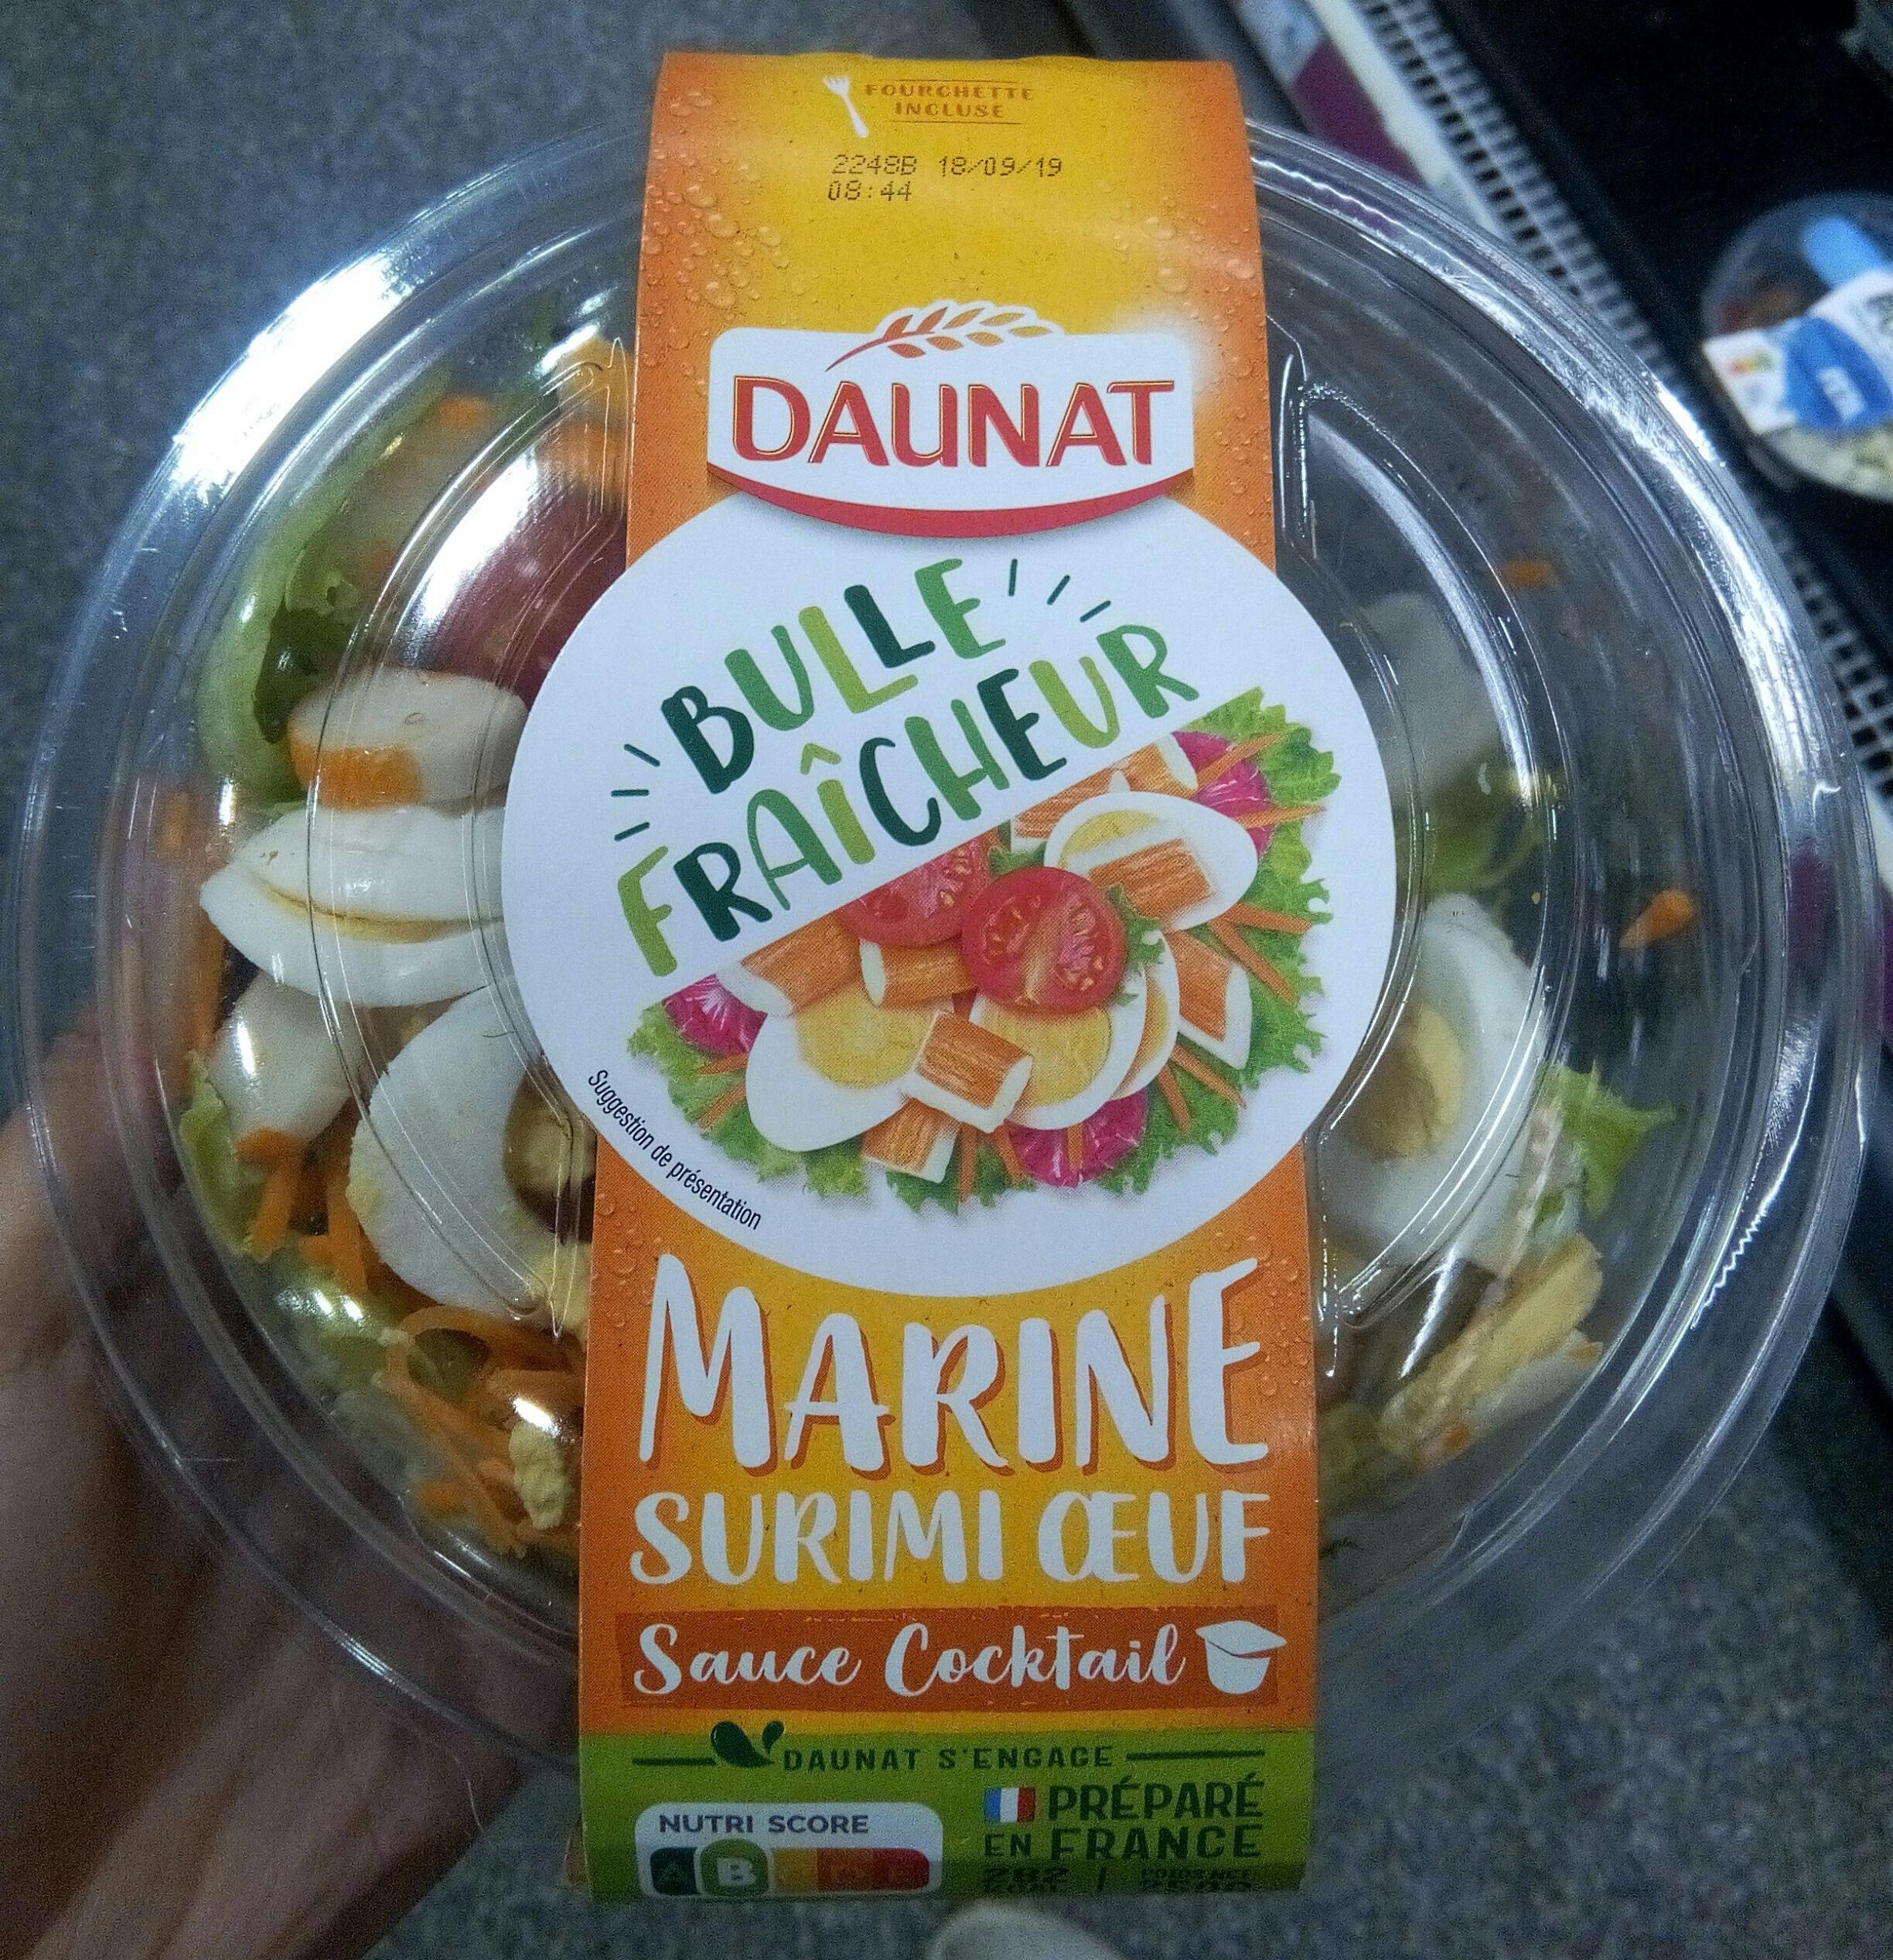 Salade surimi oeuf sauce cocktail salade & crudités - Product